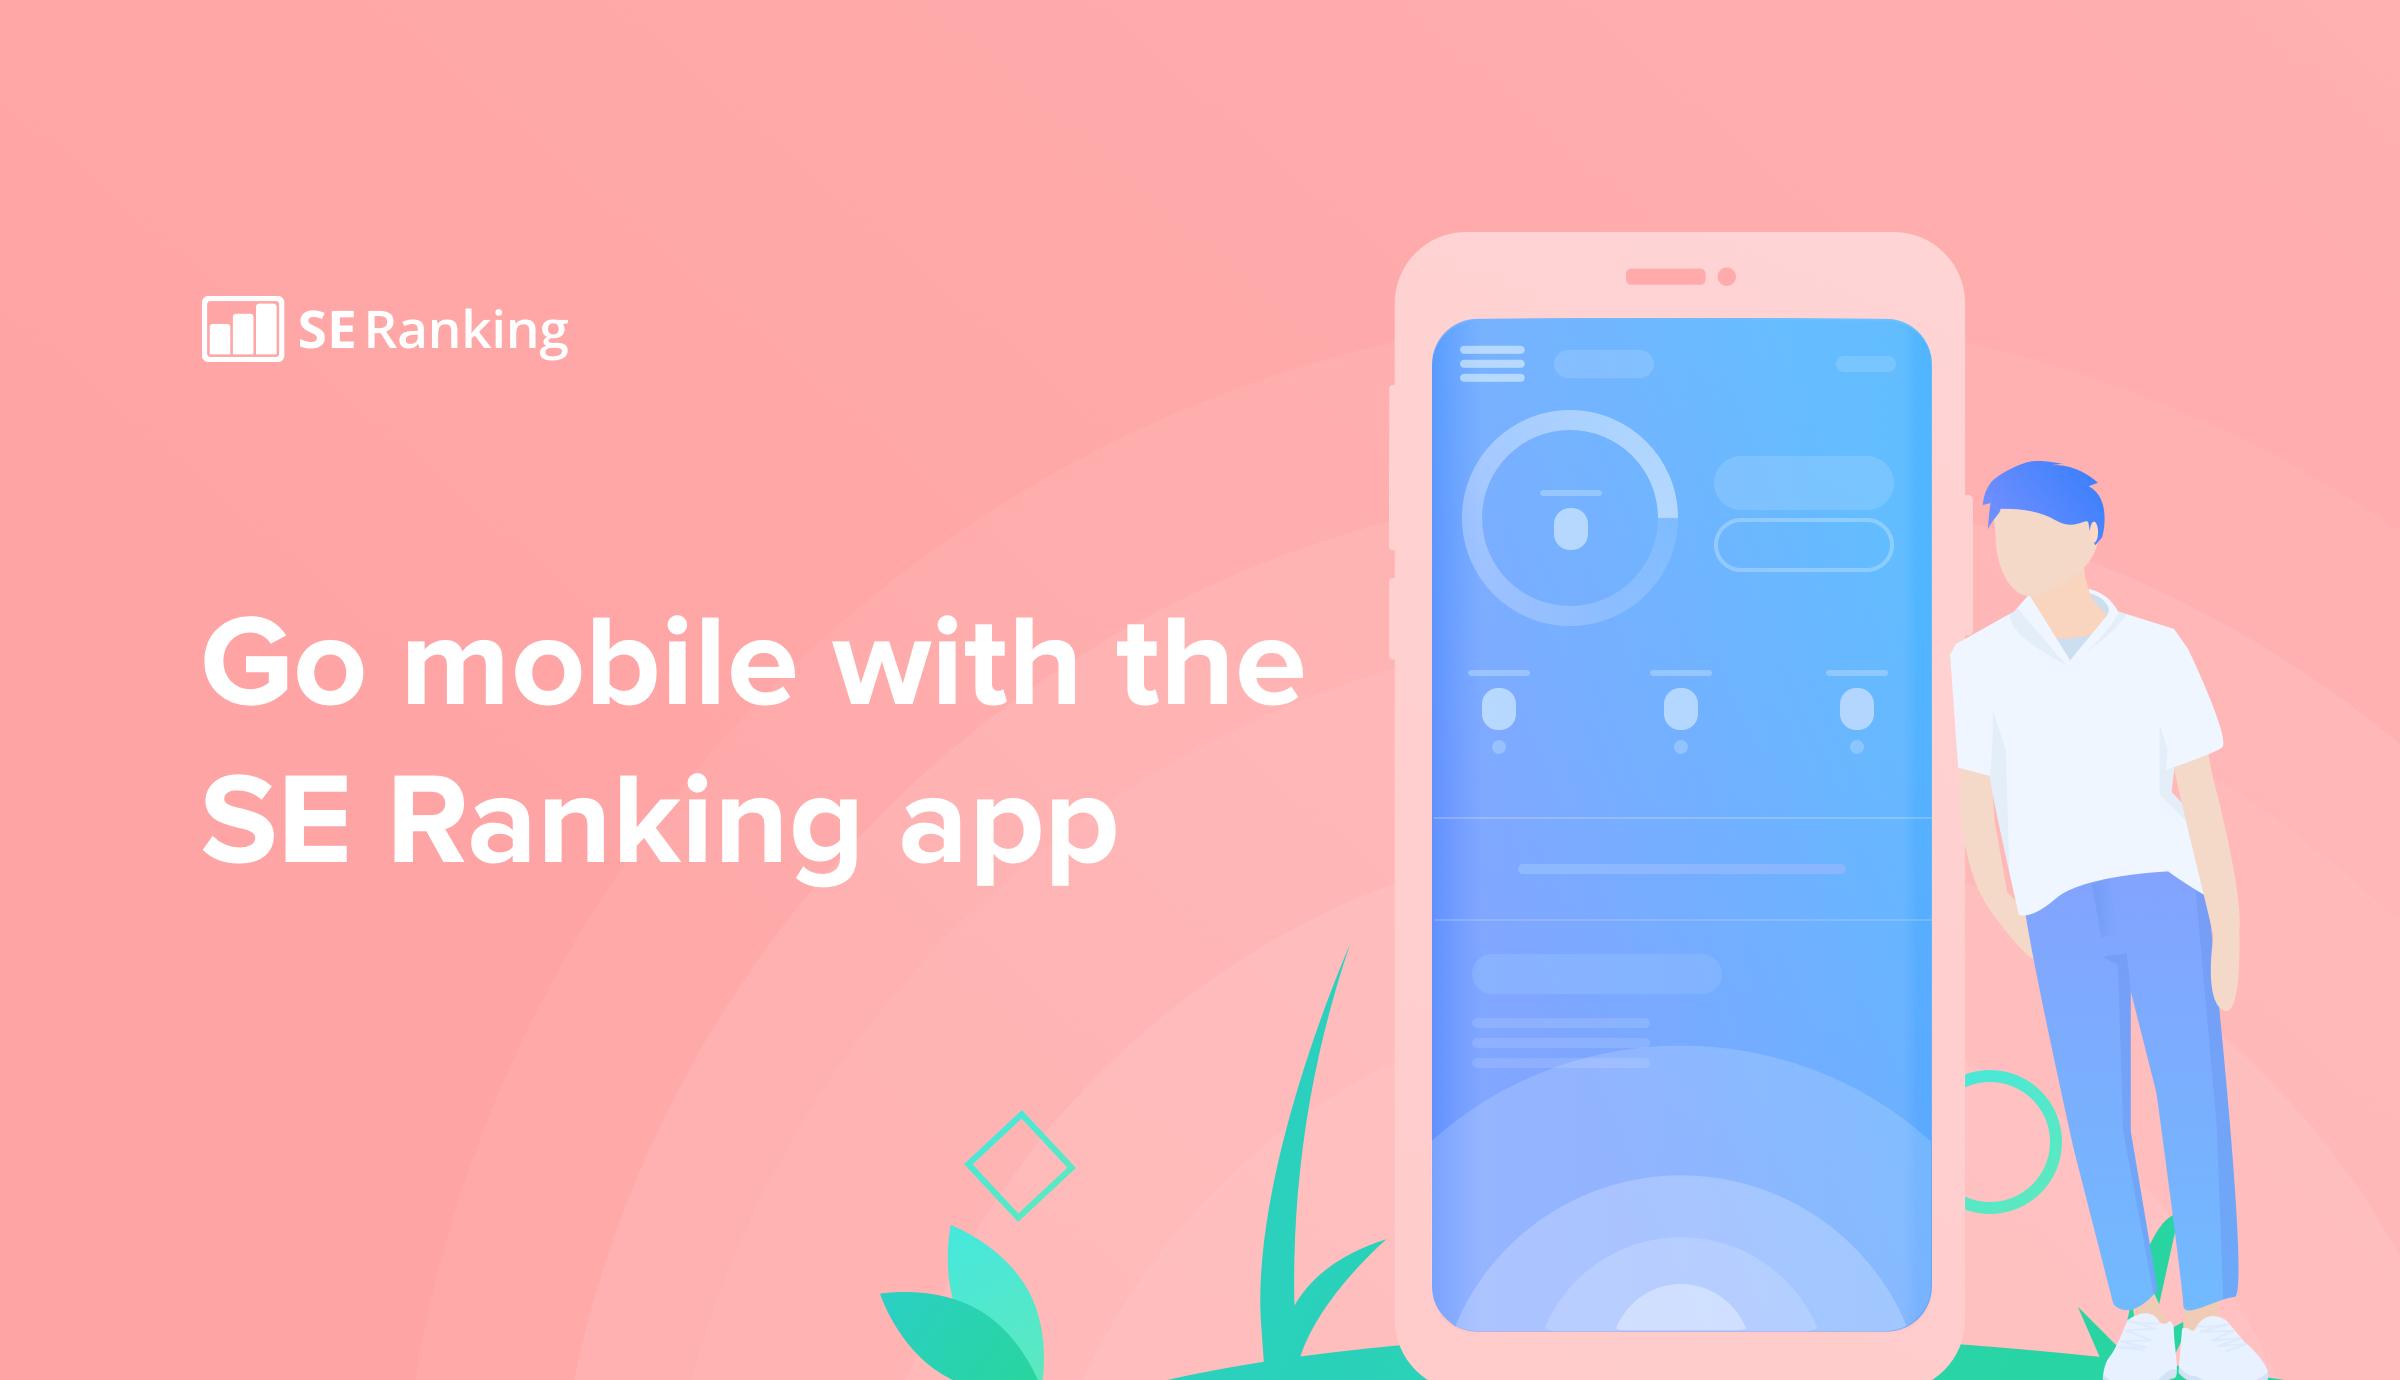 SE Ranking Mobile App